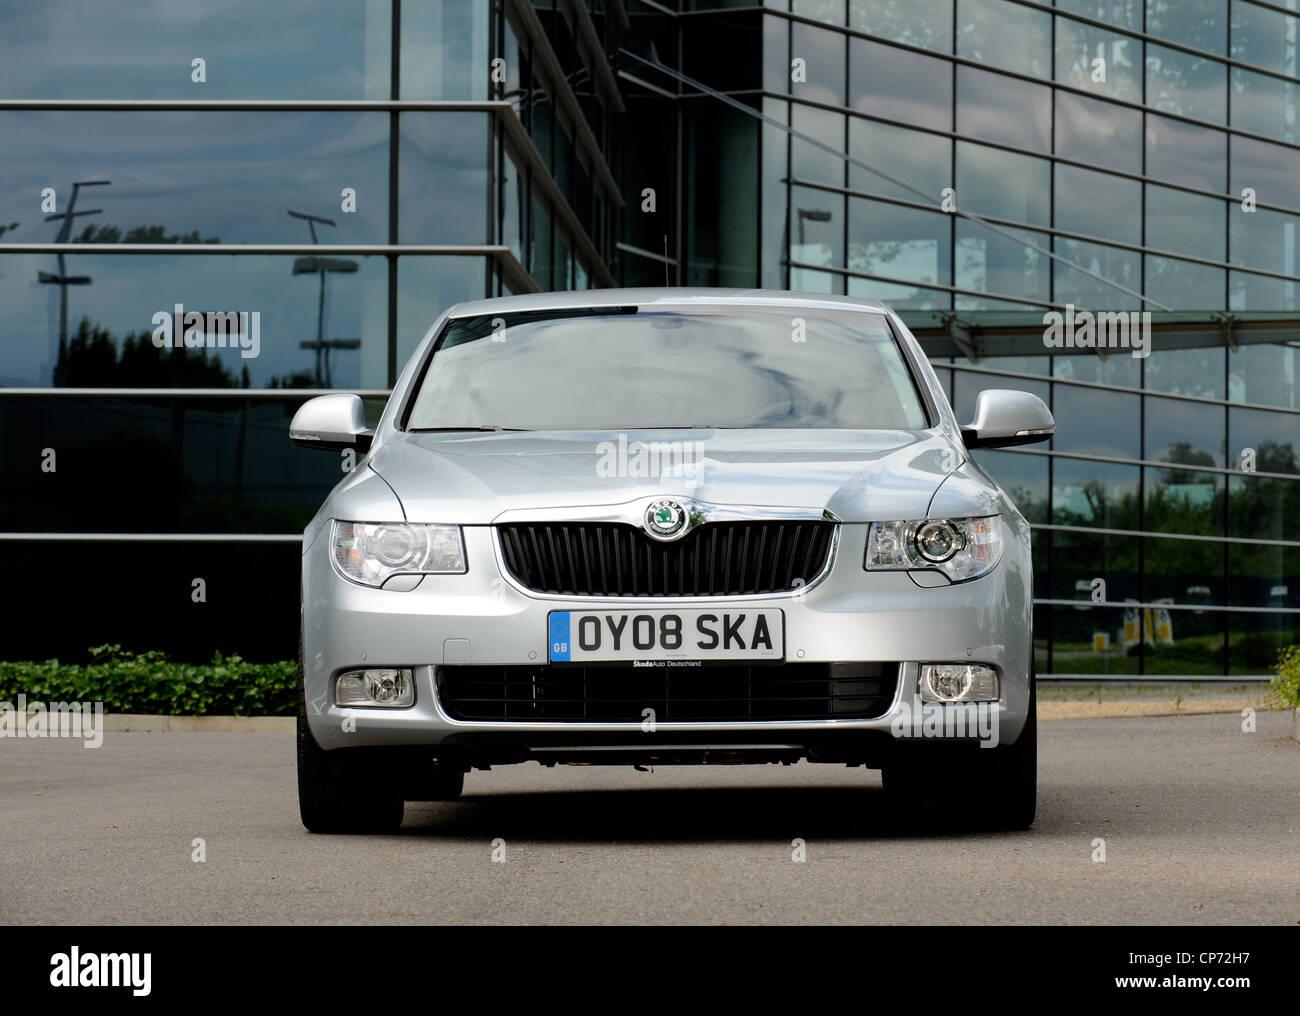 2008 Skoda excelente Imagen De Stock